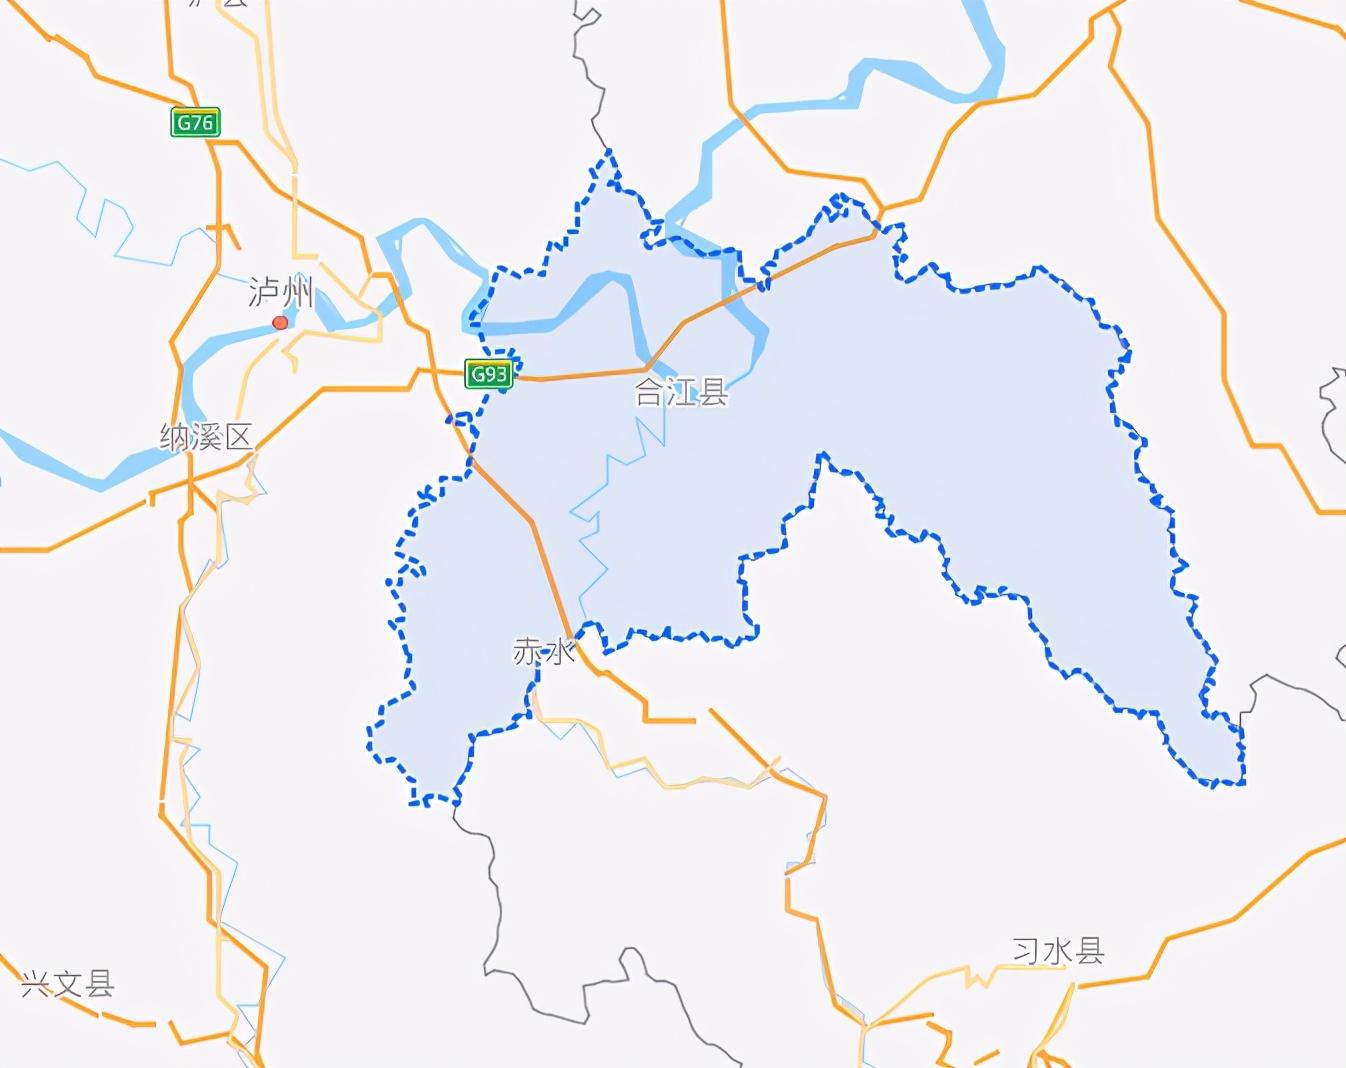 四川省一个县,人口超90万,于北周时期建县